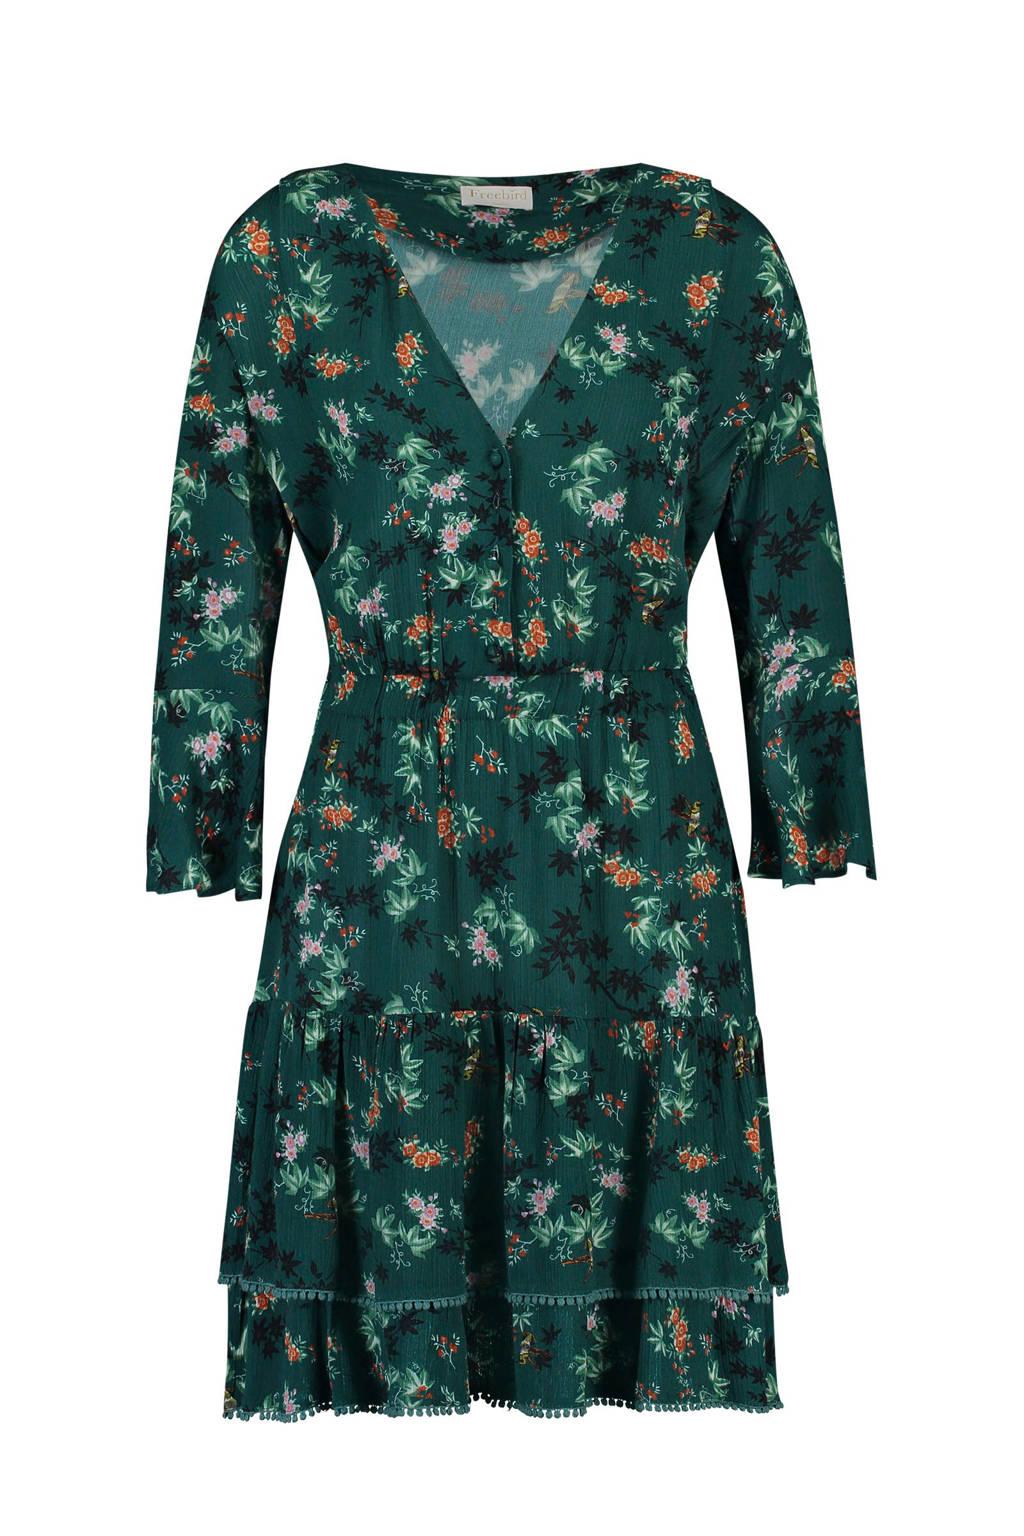 Freebird jurk met bloemenprint groen, Donkergroen